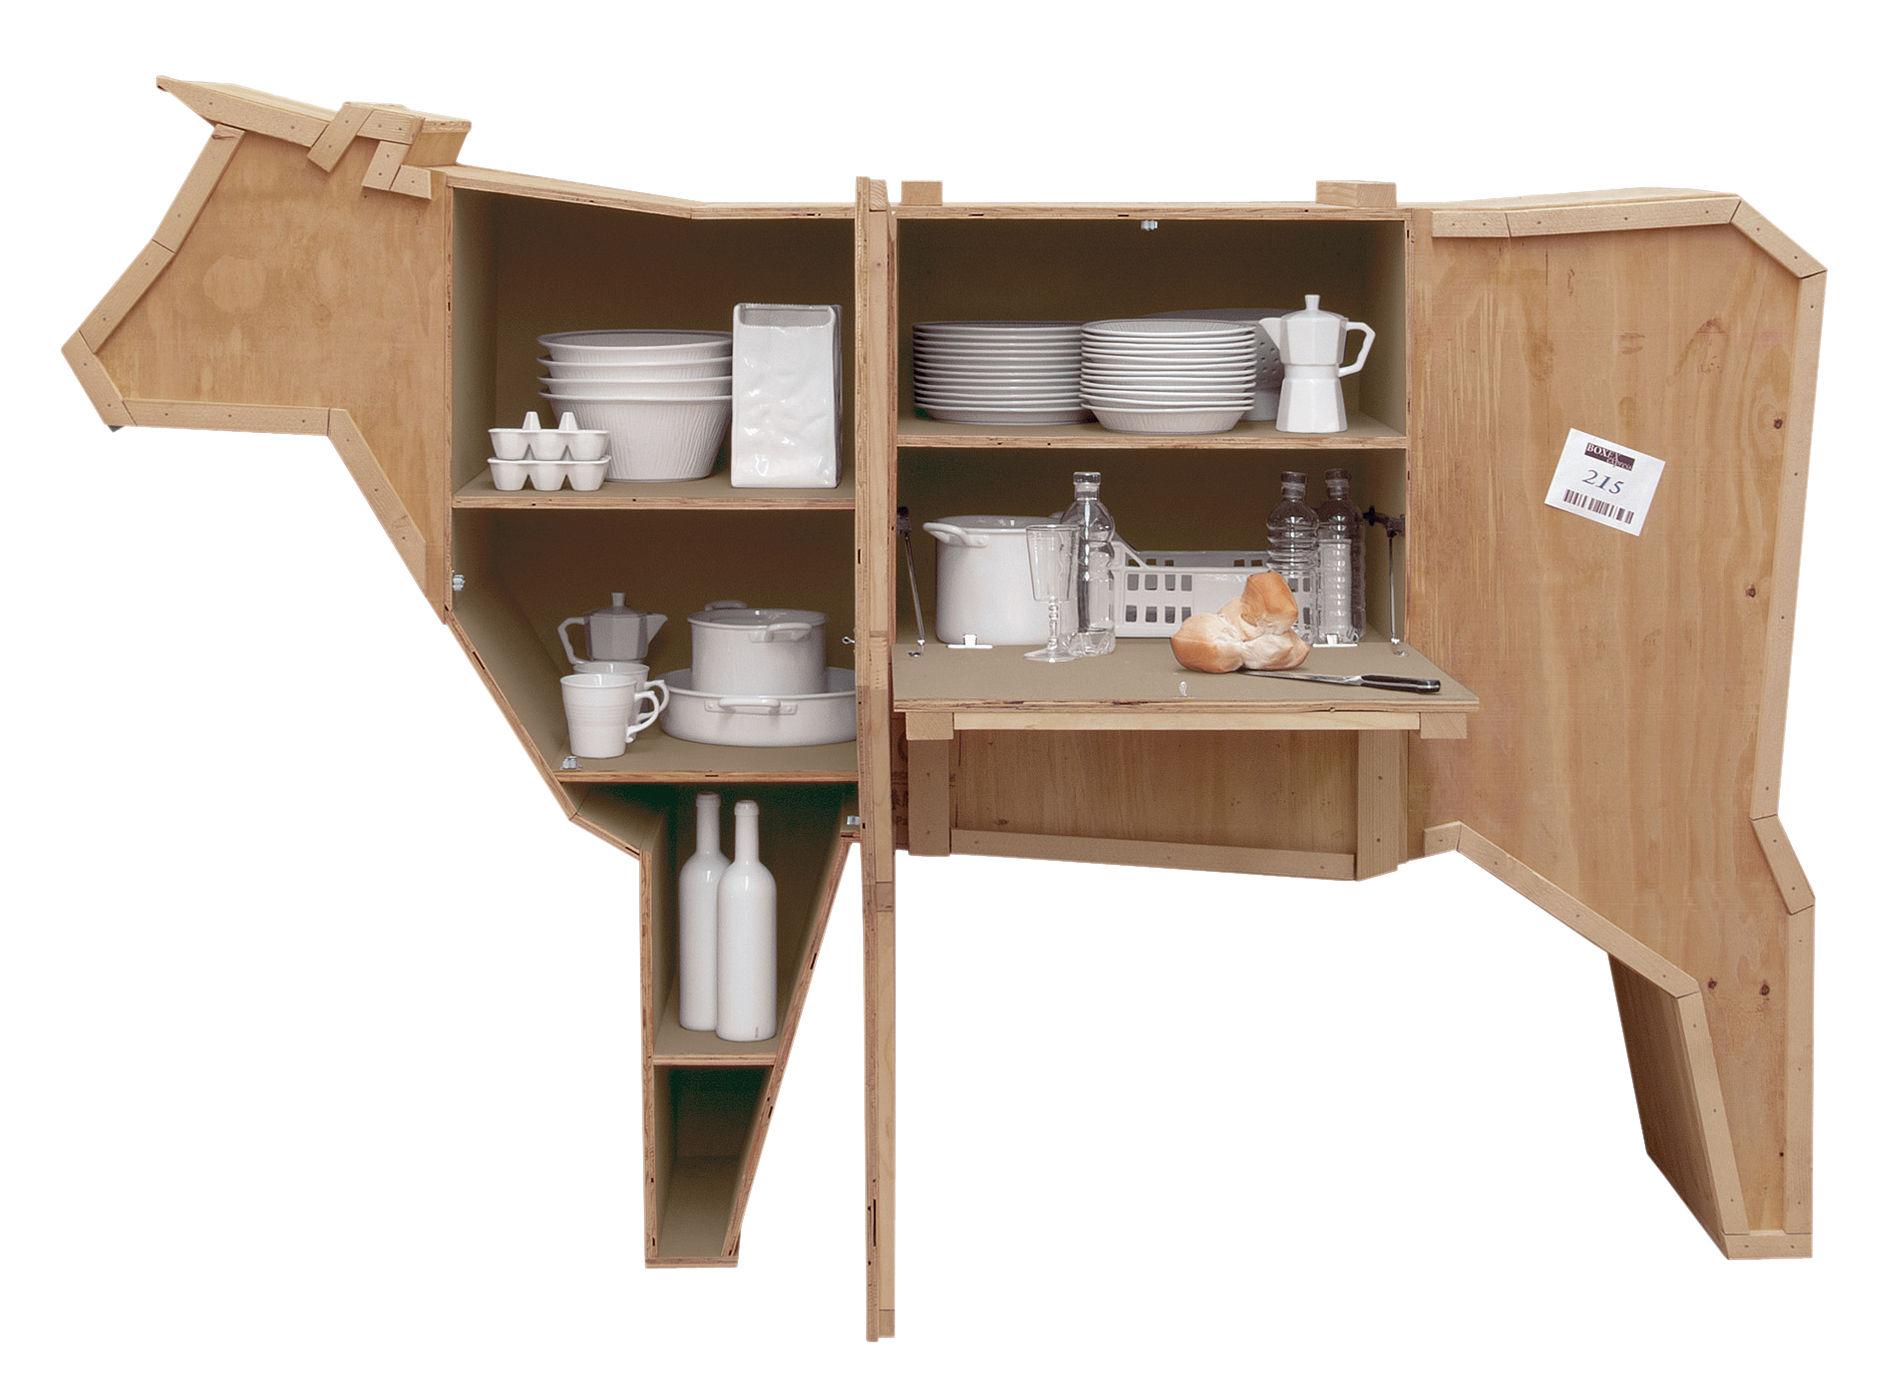 Möbel - Kommode und Anrichte - Sending Animals Vache Anrichte / L 225 cm x H 151 cm - Seletti - Holz natur - Holz